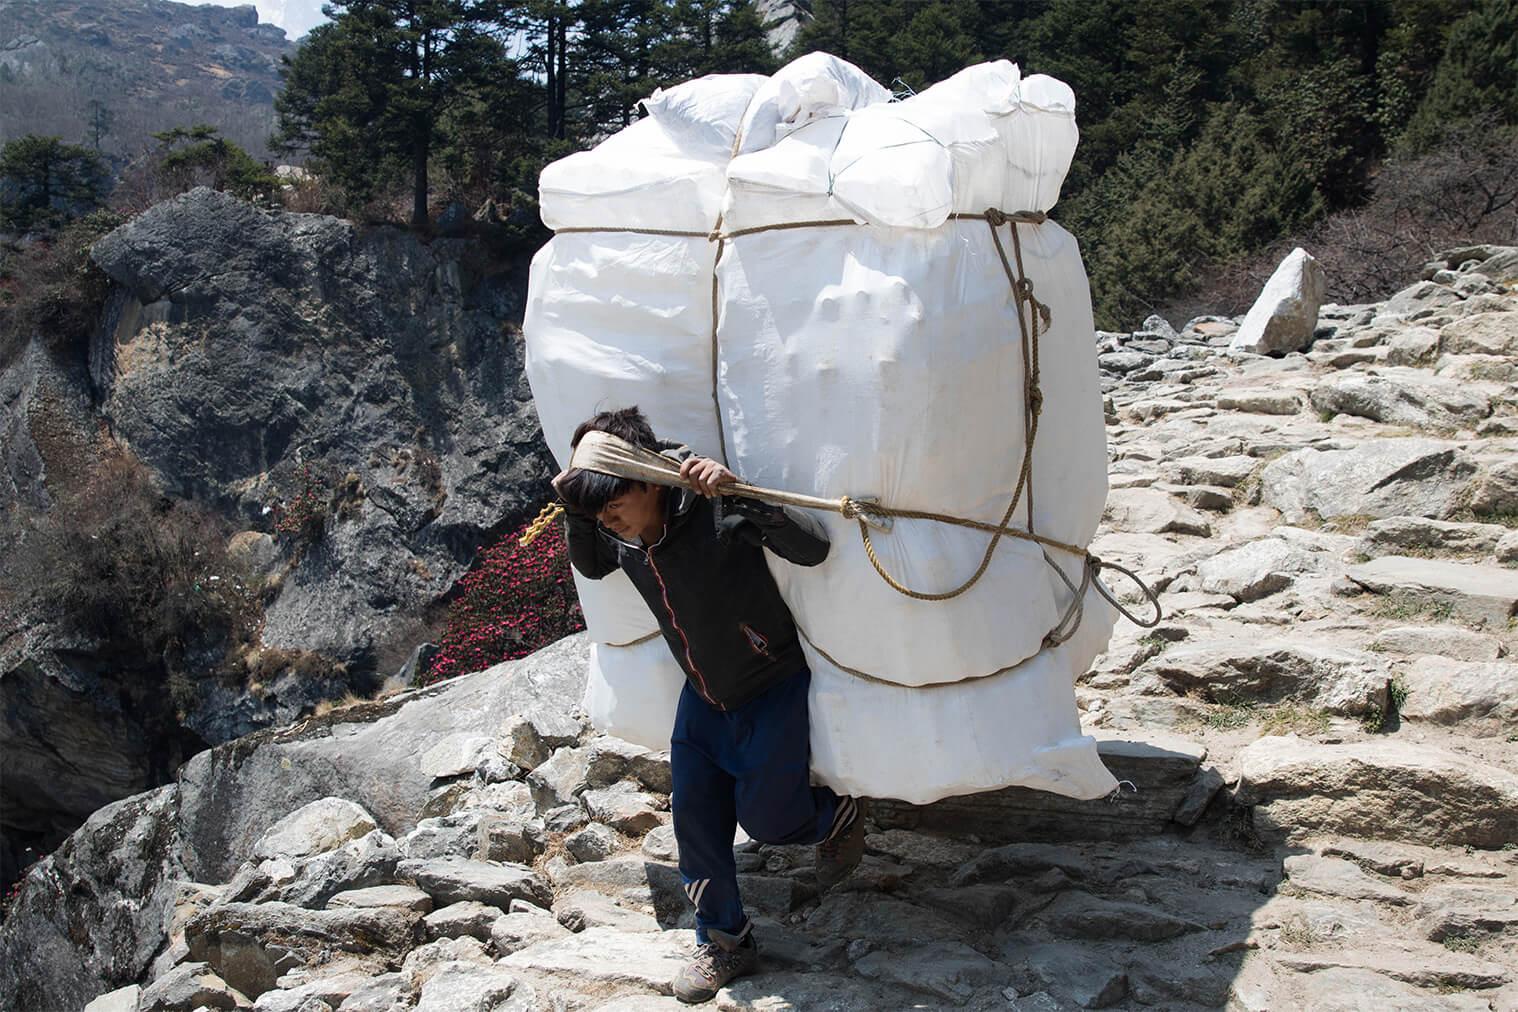 Nosiči sú schopní vyniesť až 90 kg